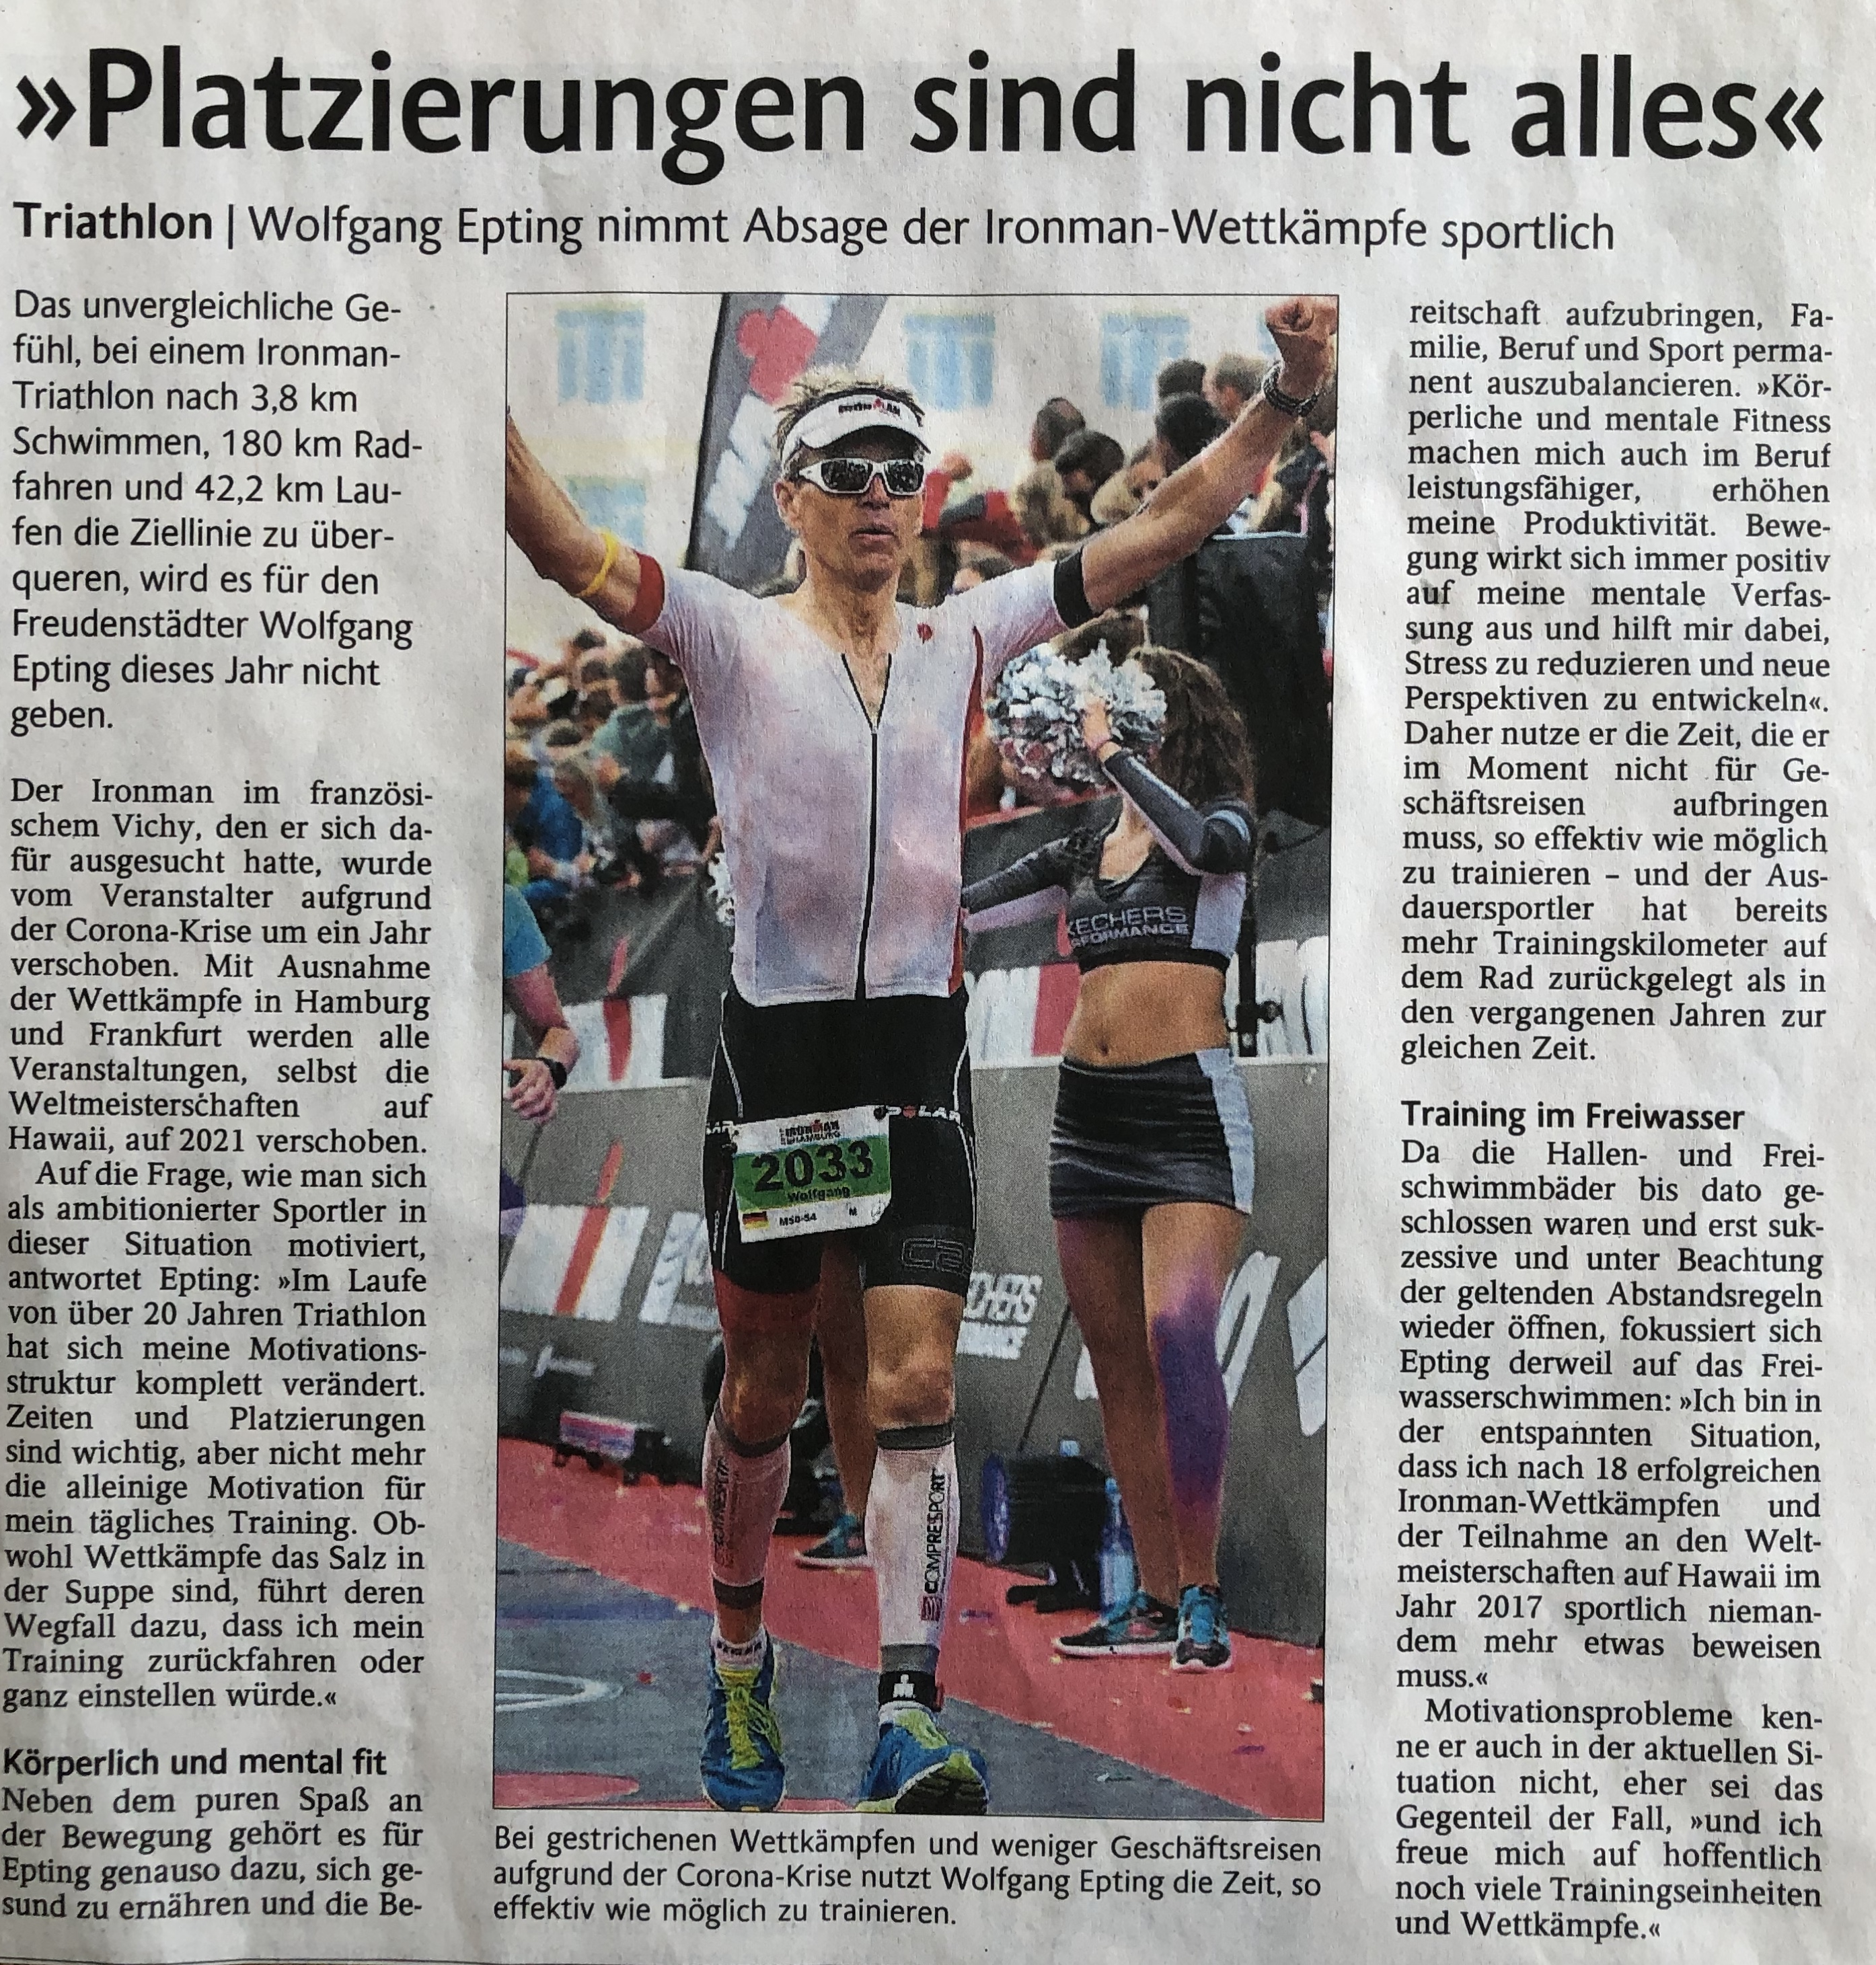 Schwarzwälder Bote 09.06.2020 Wolfgang Epting IRONMAN Triathlon Text